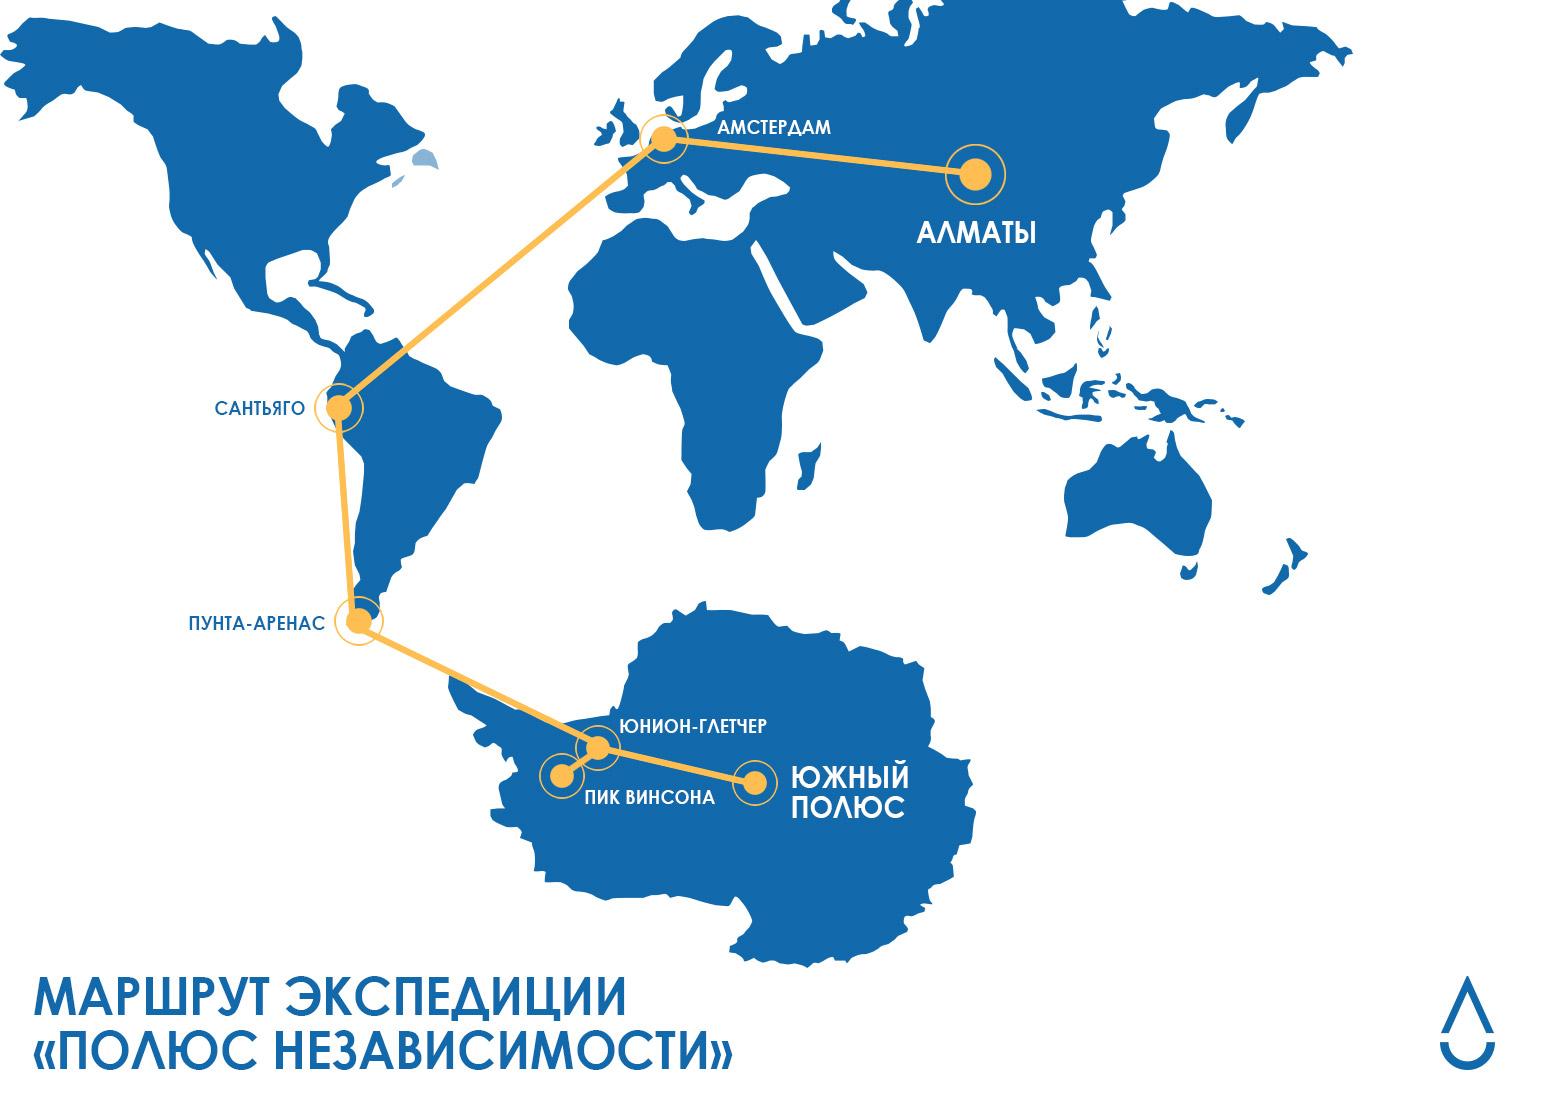 Маршрут экспедиции «Полюс Независимости»